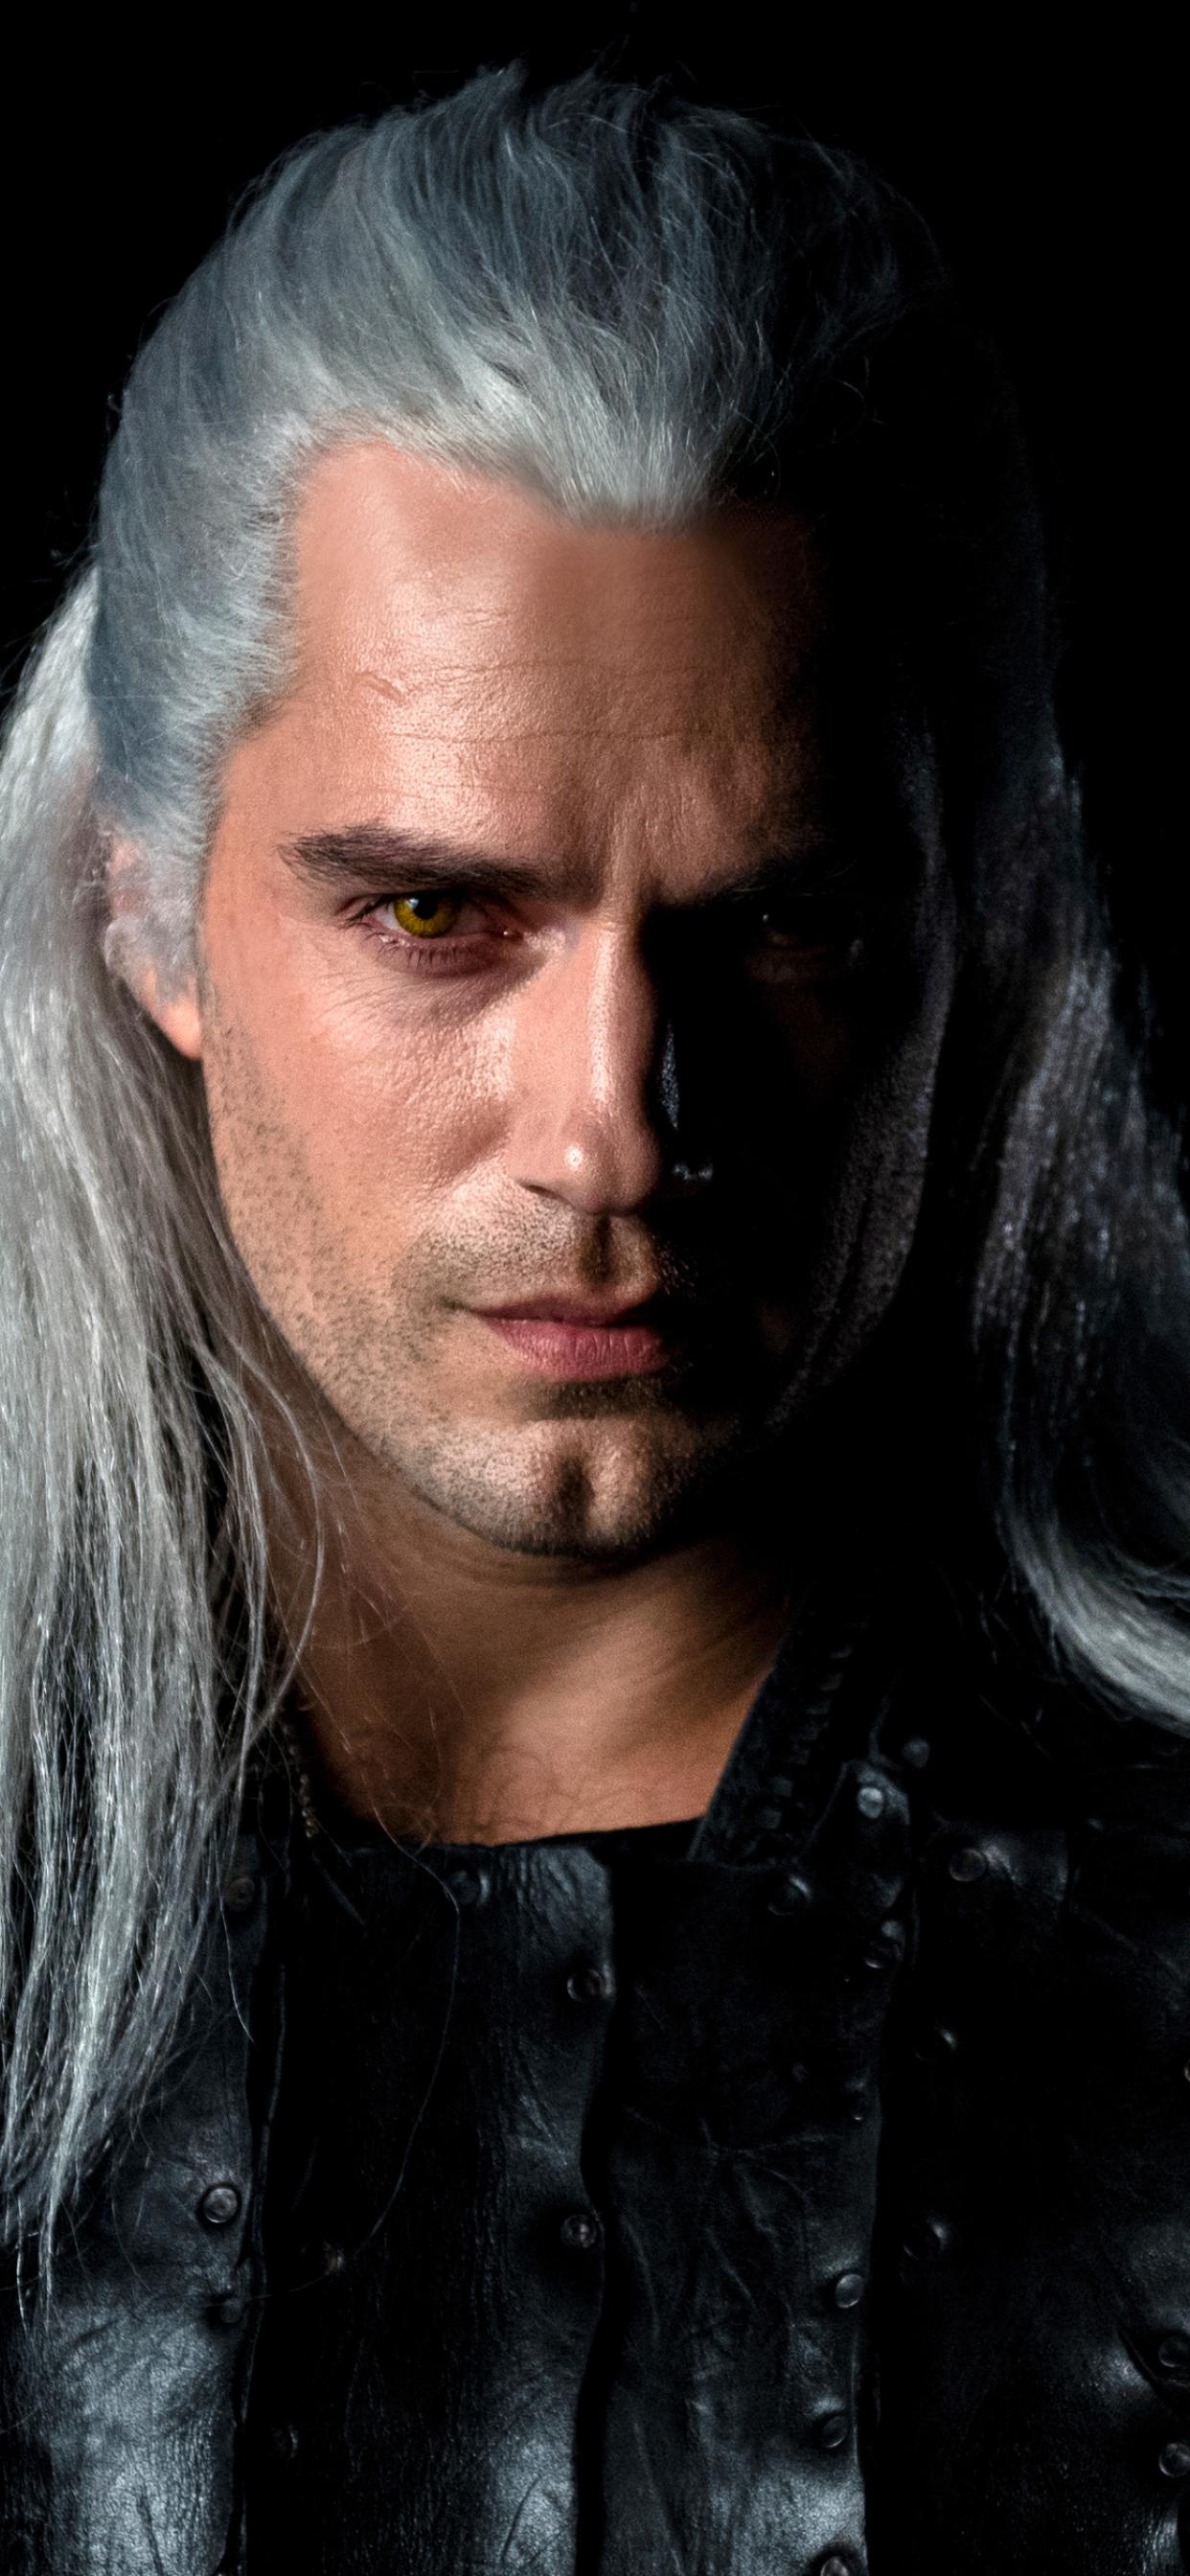 1242x2688 Henry Cavill As Geralt The Witcher Netflix Iphone